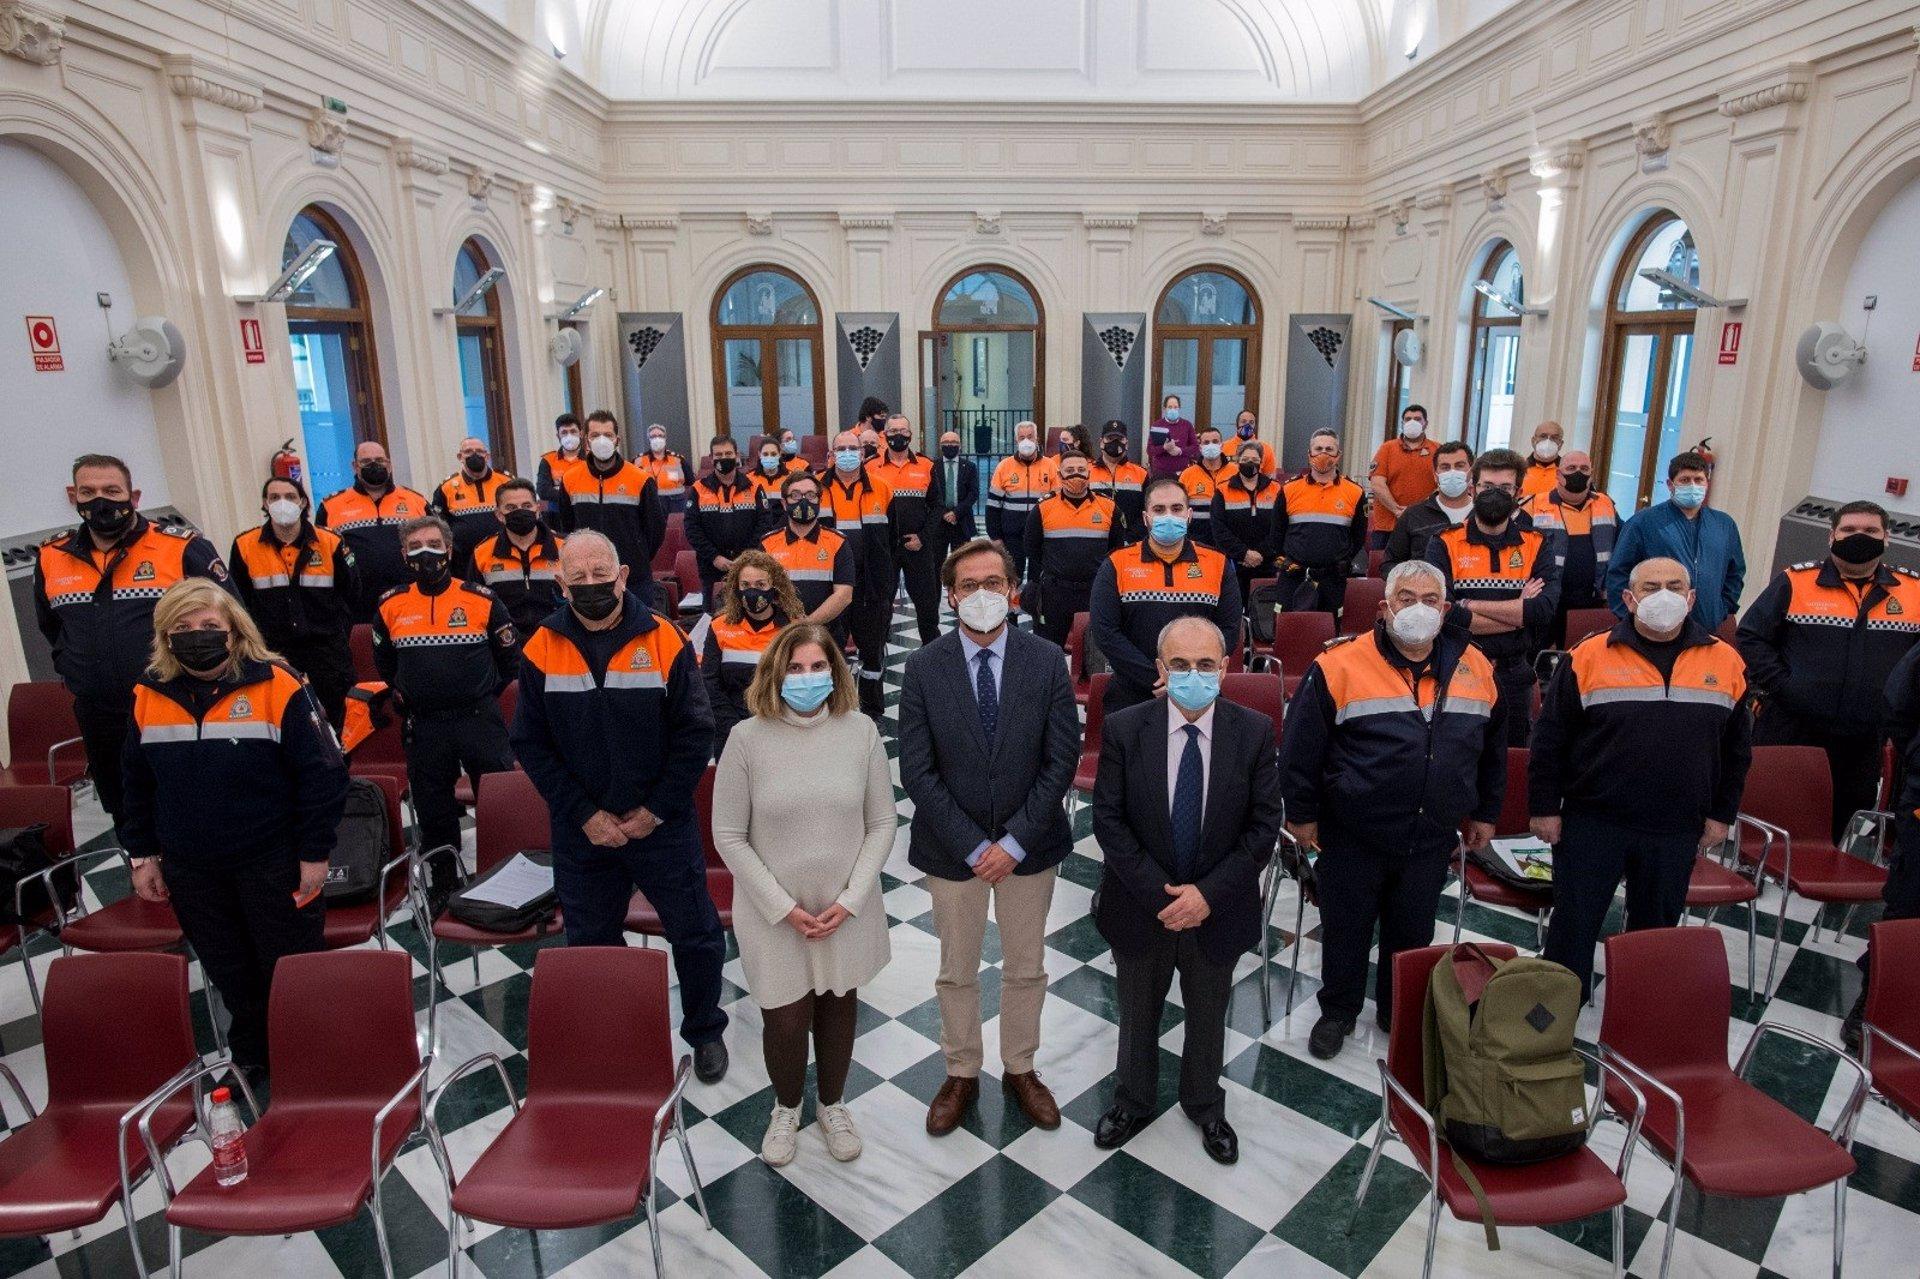 Agrupaciones de Protección Civil reciben formación sobre sismicidad y comunicación en crisis